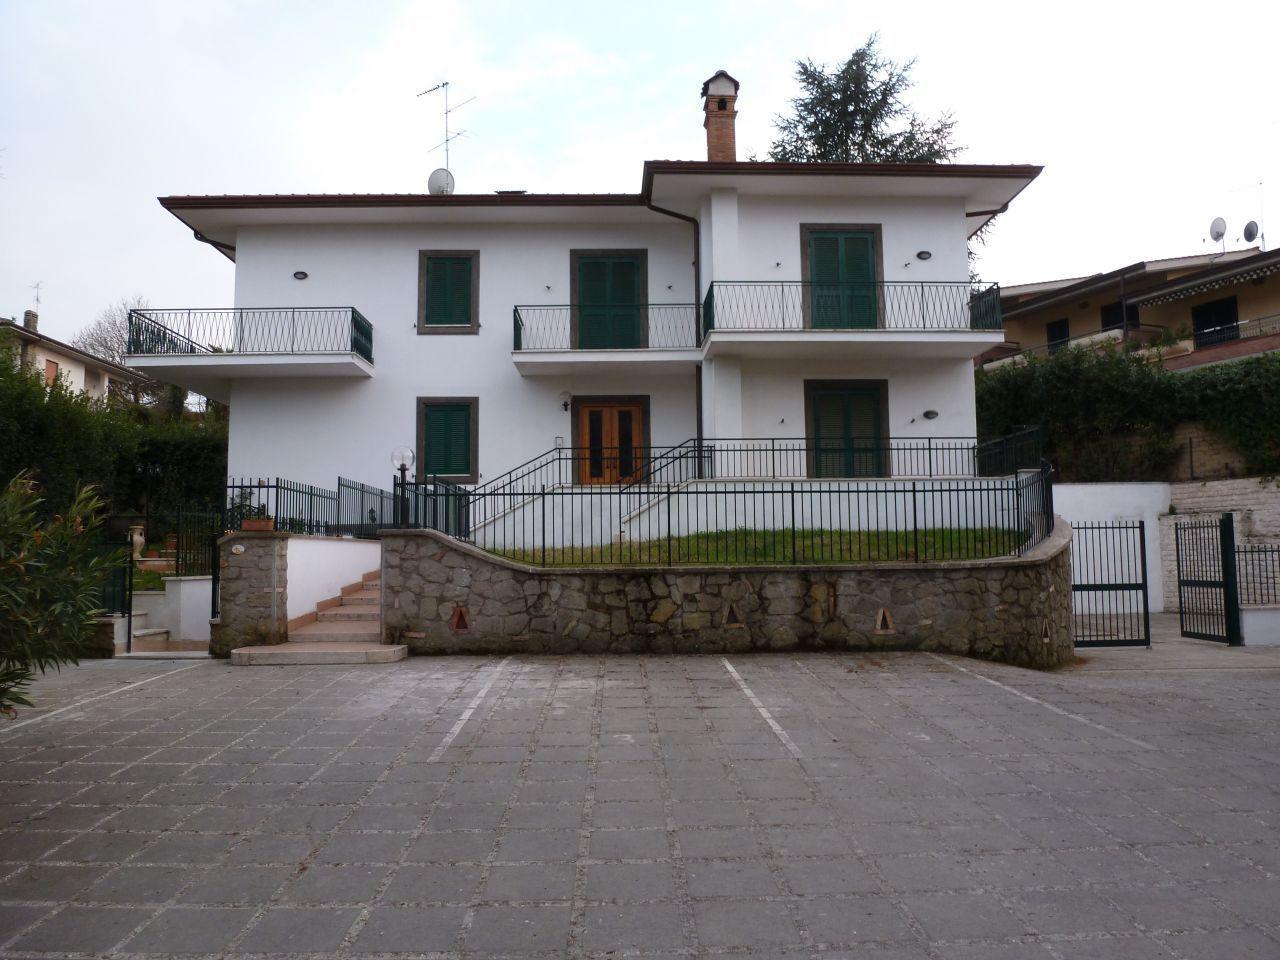 Appartamento in vendita a Grottaferrata, 5 locali, prezzo € 250.000 | Cambio Casa.it